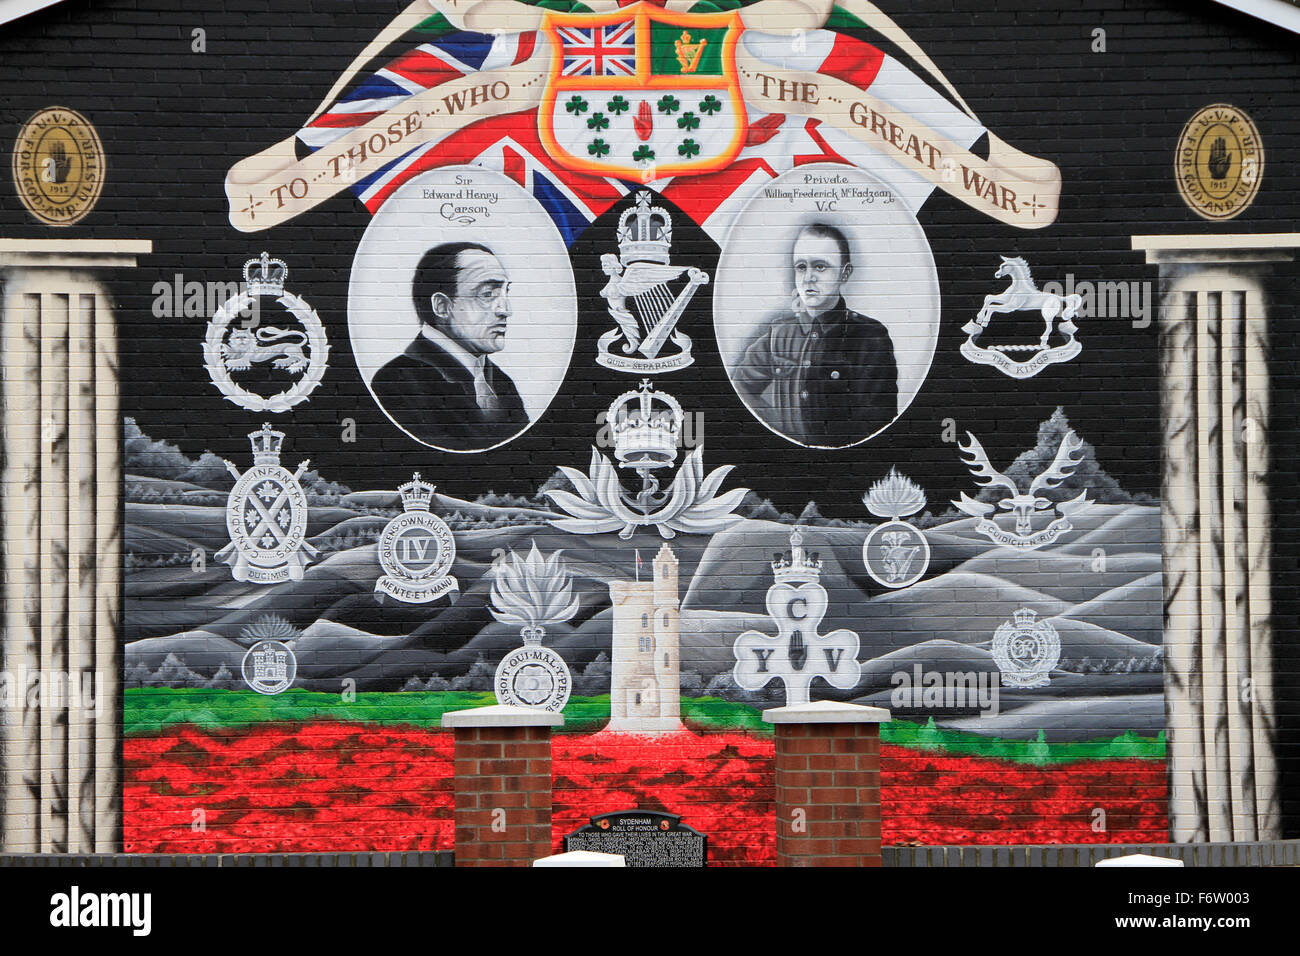 Belfast, Sydenham, mural - Stock Image